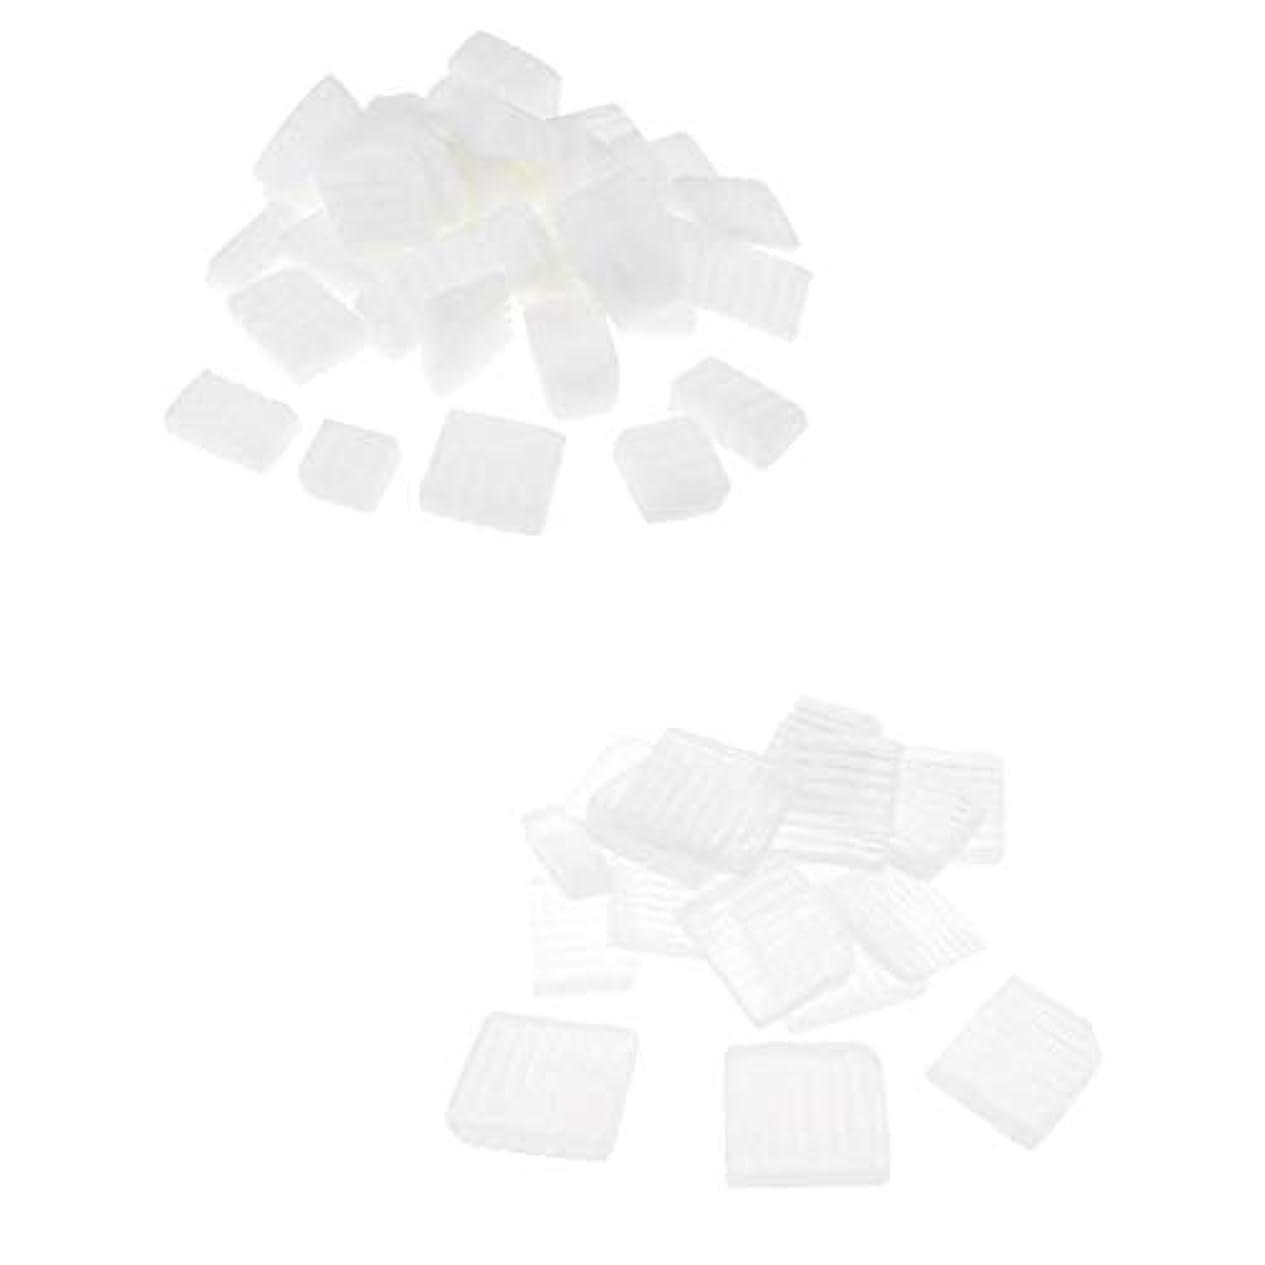 緑彼ら二週間Perfeclan 固形せっけん ホワイト透明 手芸 バス用品 手作り ハンドメイド 石鹸製造 安全健康 2種混合